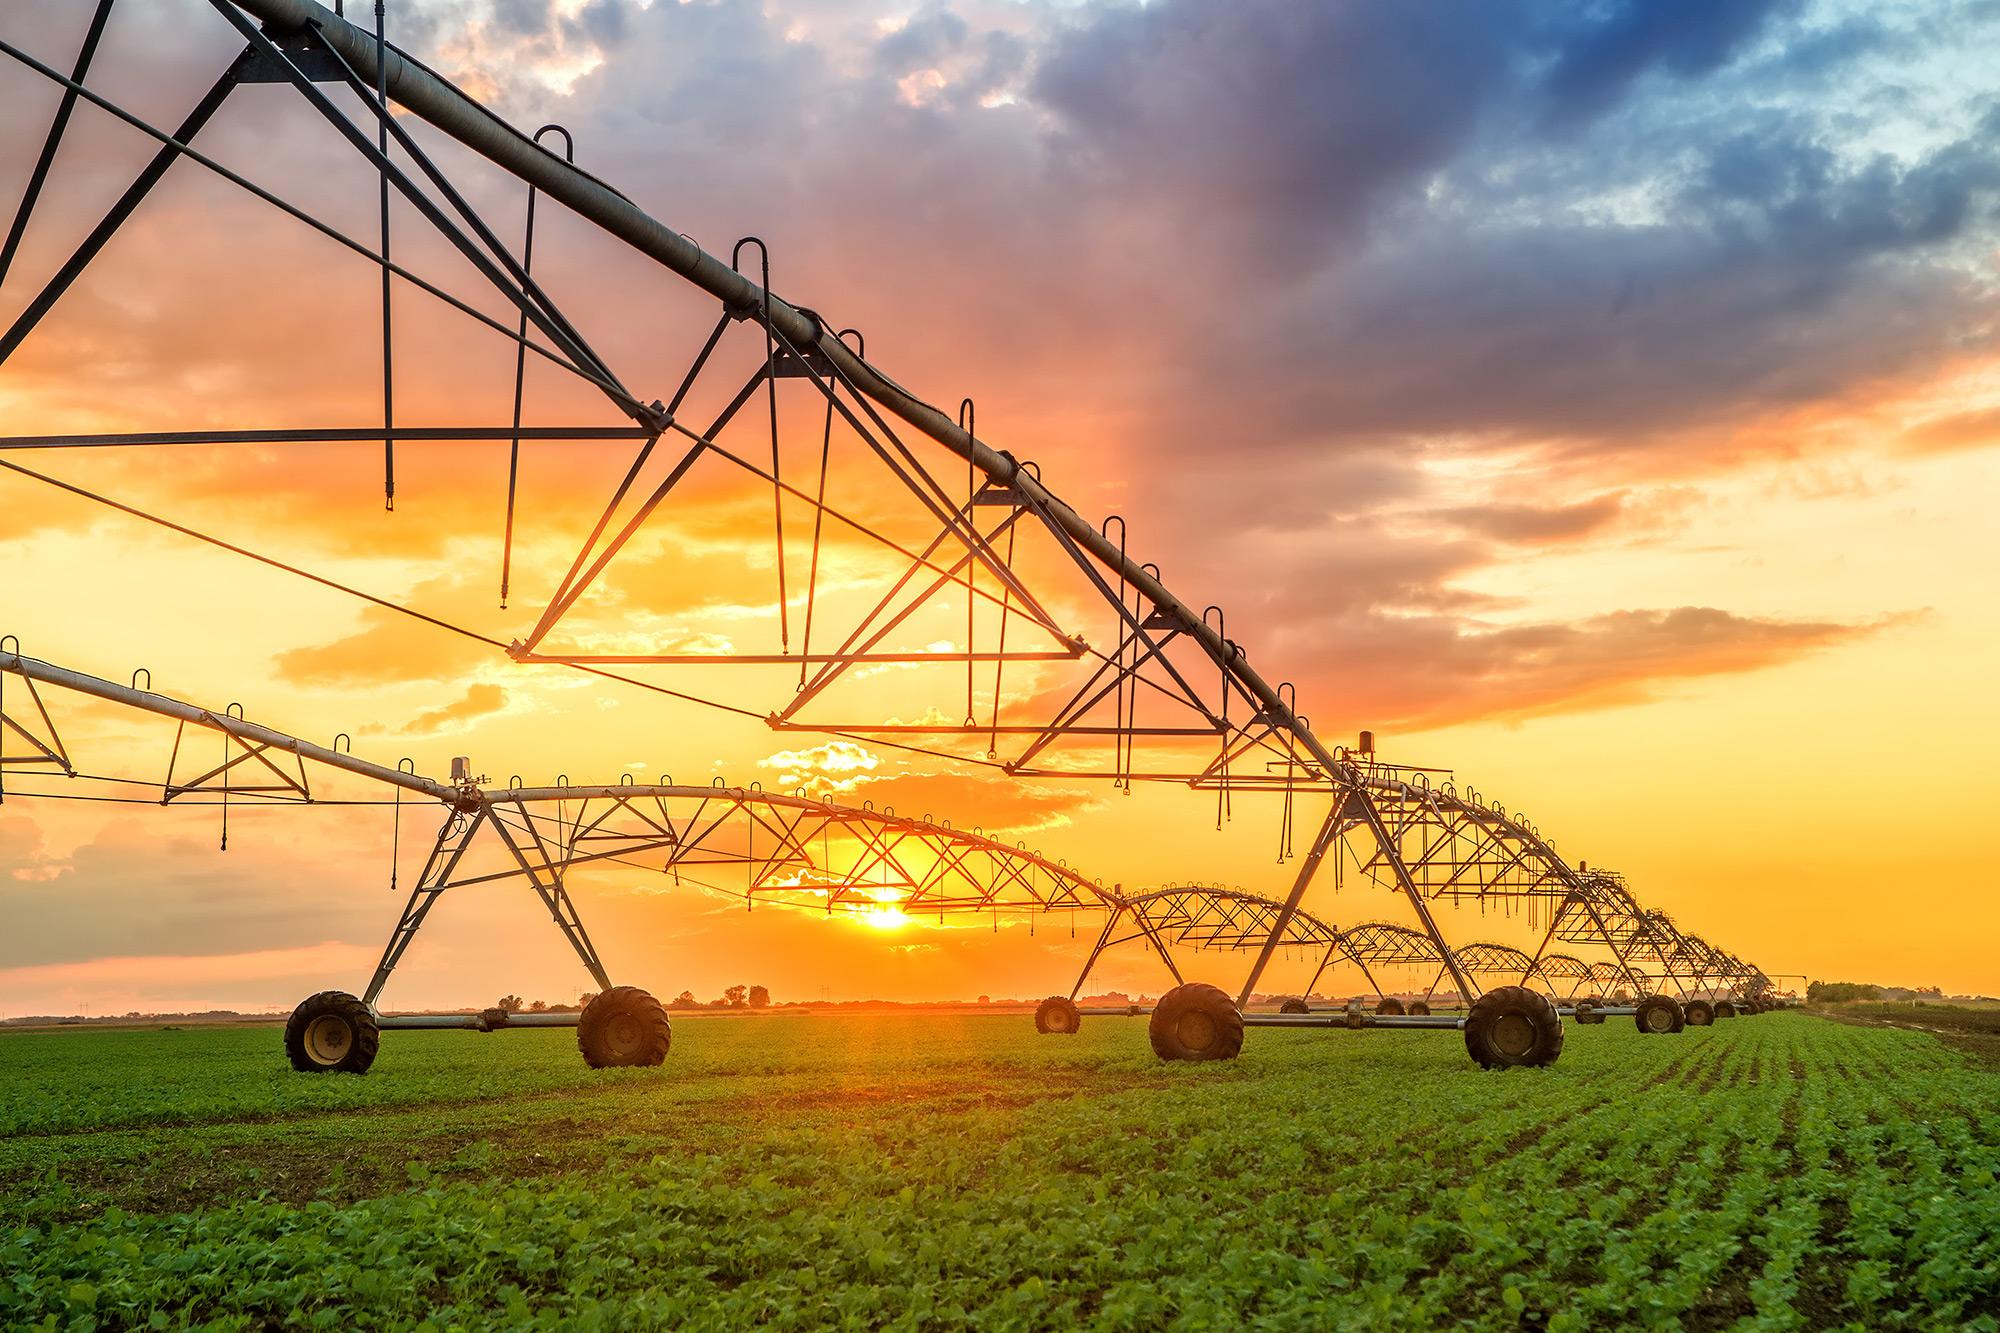 Irrigation System on Farm